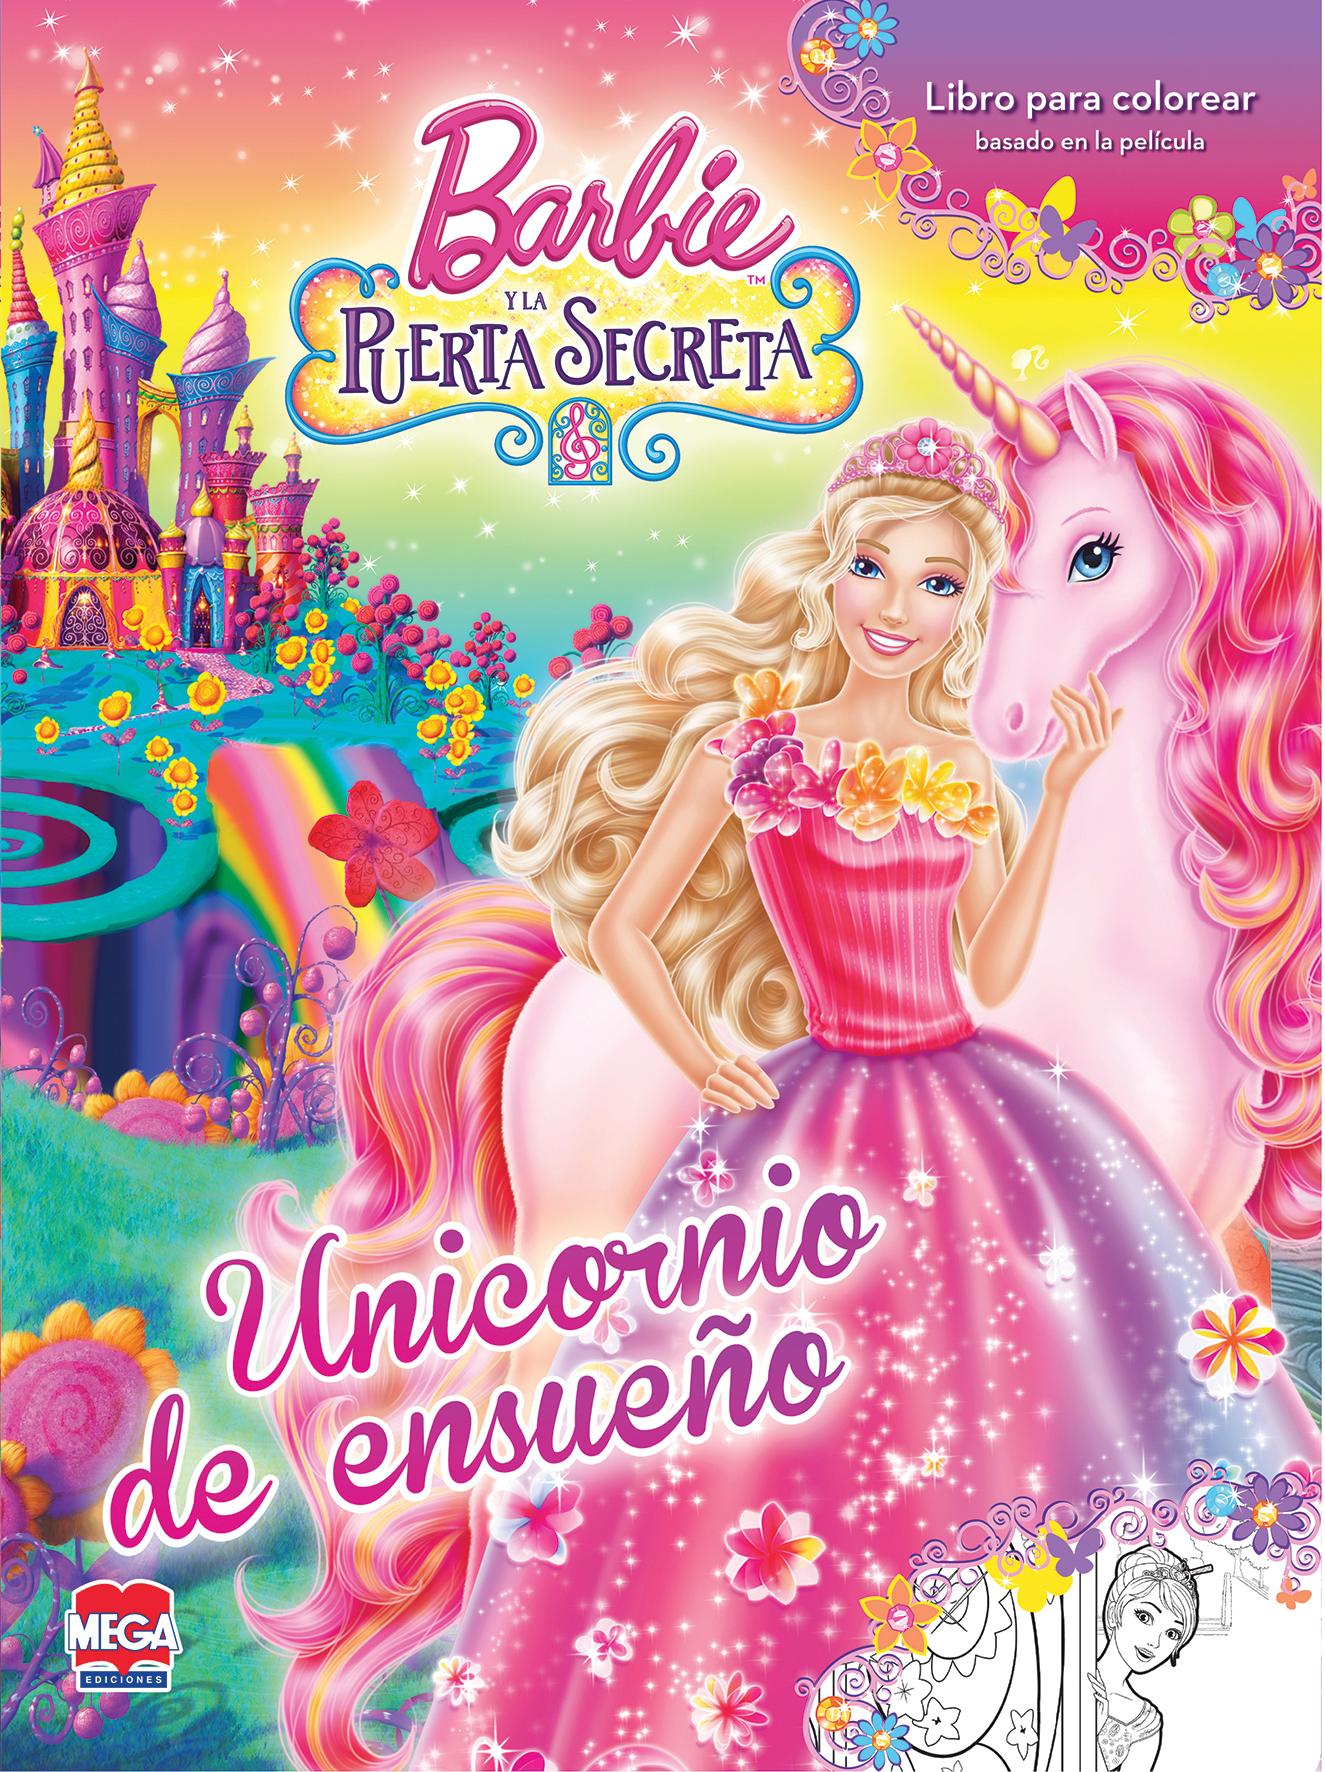 Barbie y la puerta secreta. Libro para colorear - Larousse México